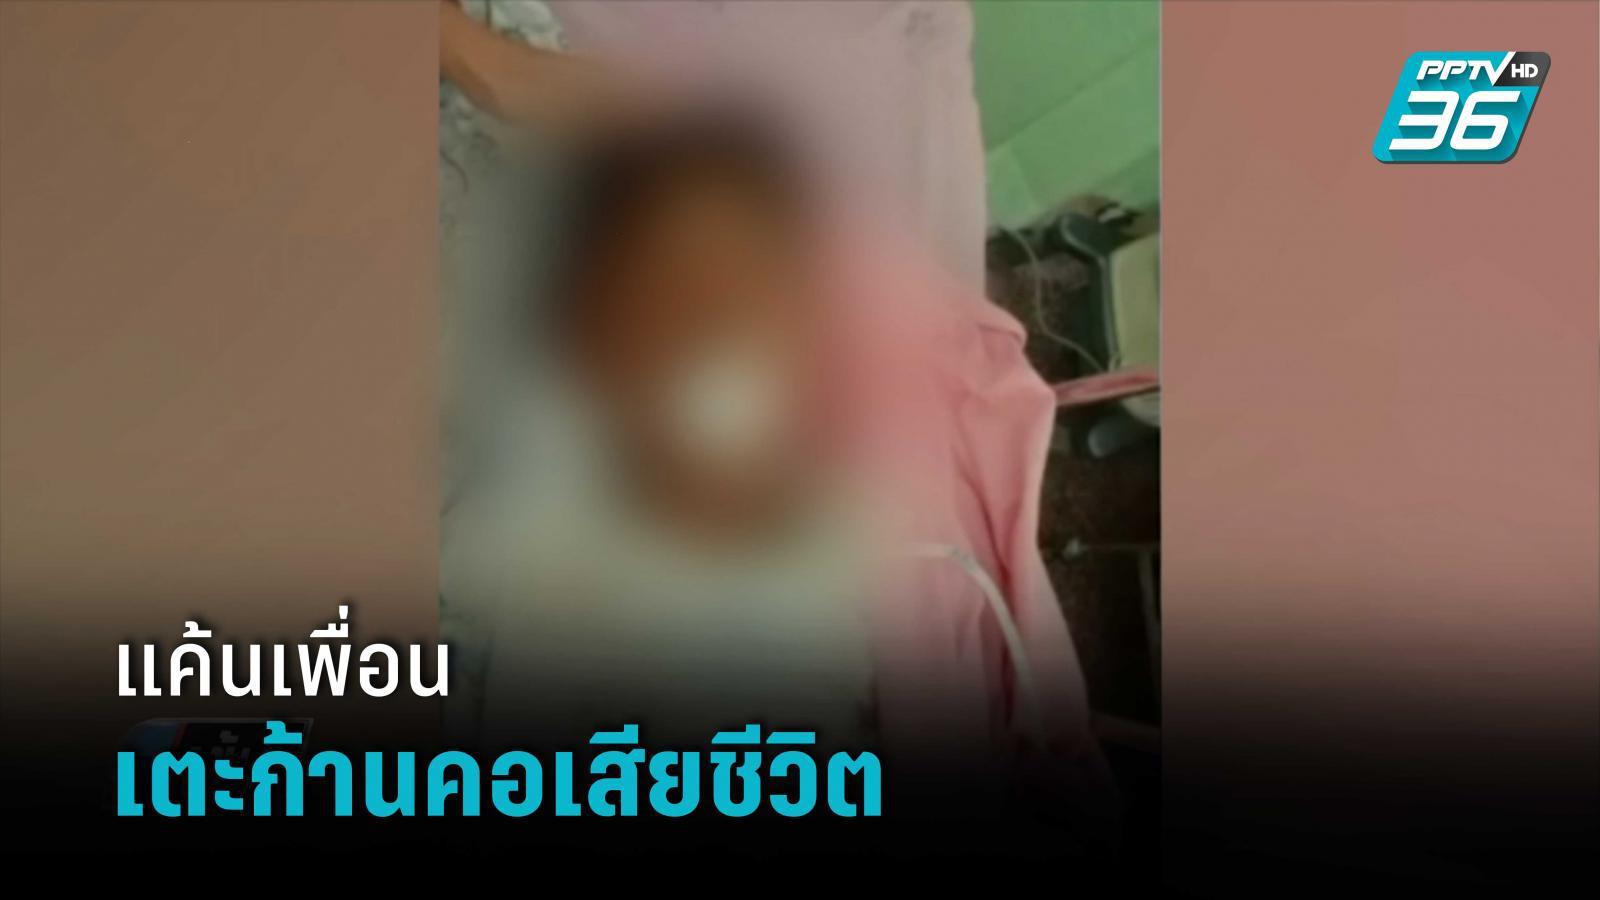 แค้นขโมยมีดพก ด.ช.วัย 13 เตะก้านคอเพื่อนดับ พบเคยเรียนมวยไทย   เข้มข่าวค่ำ